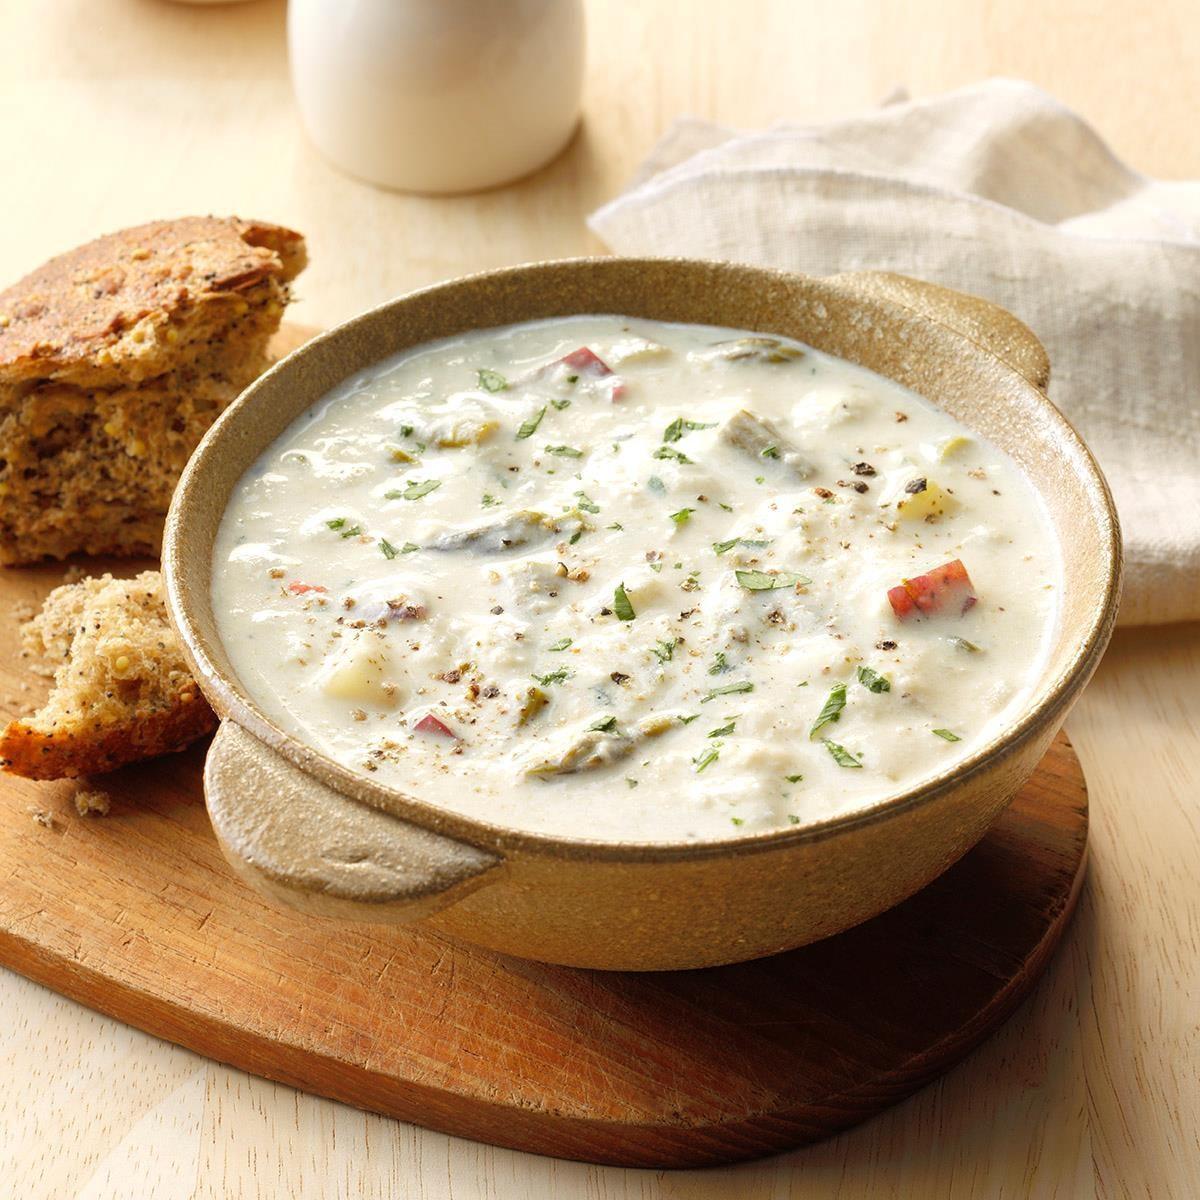 Soup Recipes Asparagus: Crab And Asparagus Soup Recipe